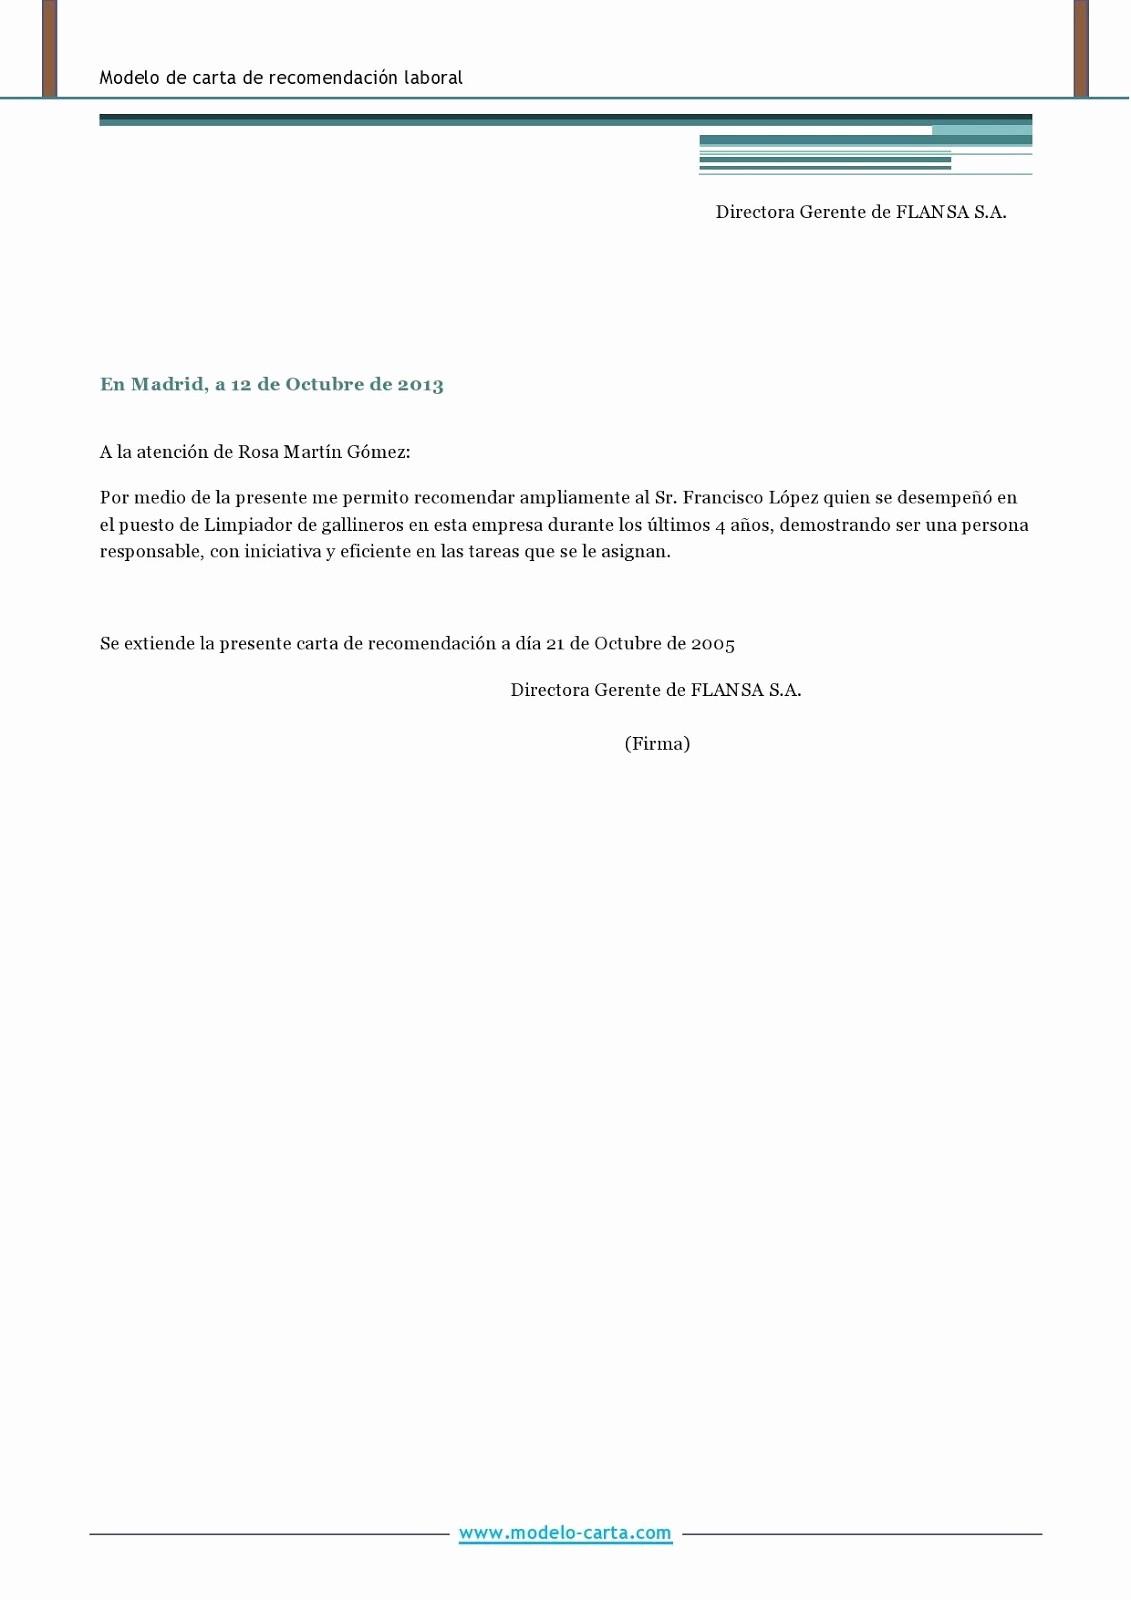 Formato Para Carta De Recomendacion Luxury Carta De Re Endacion Personal Word Wood Scribd Mexico